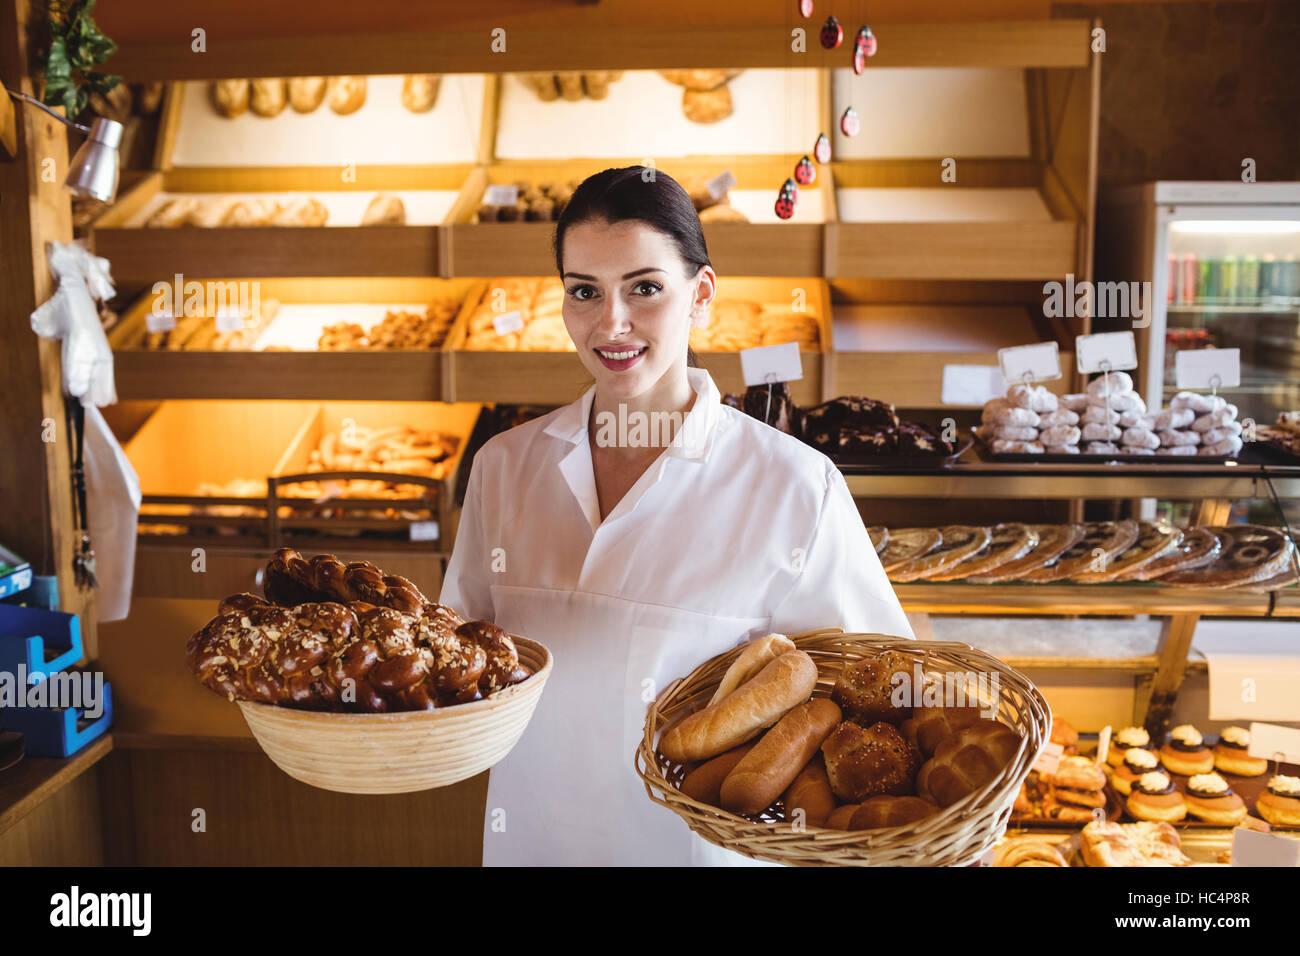 Weibliche Bäcker hält Korb mit süßen Speisen Stockbild